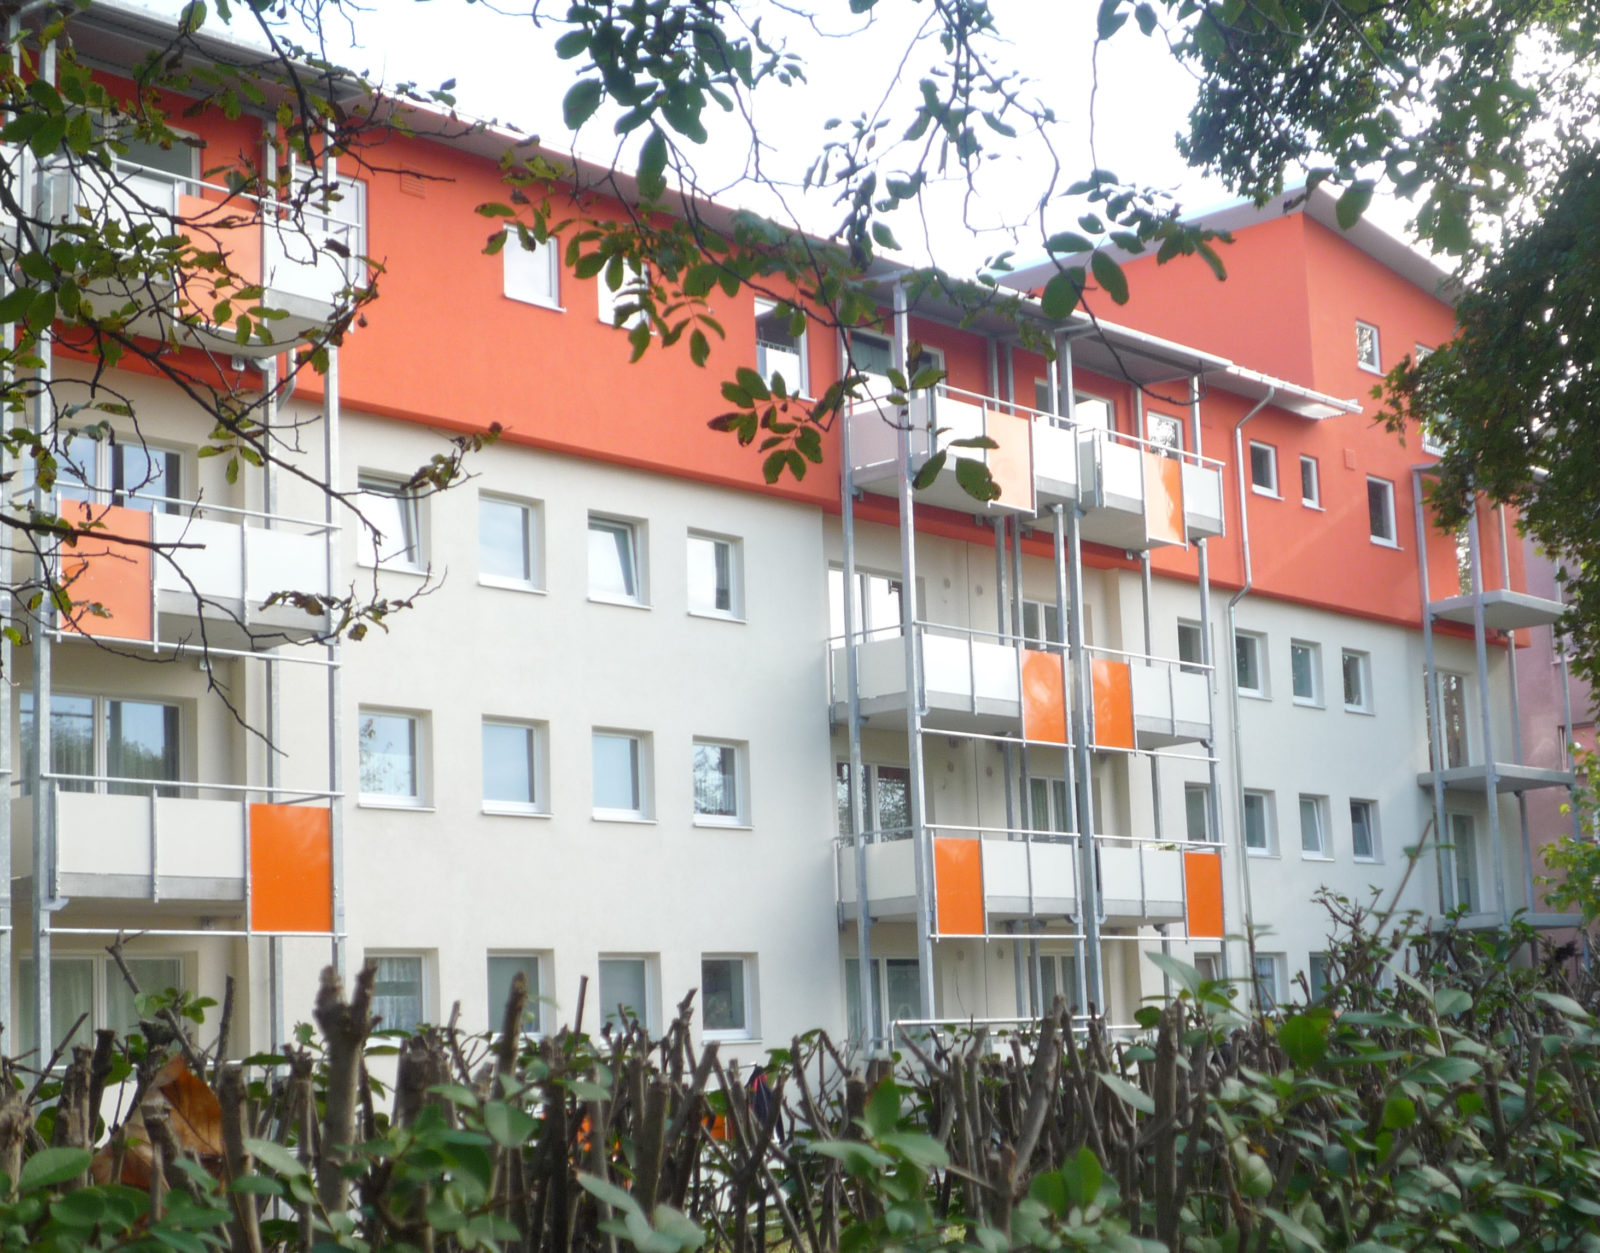 Dauchaufstockung für mehr Wohnraum